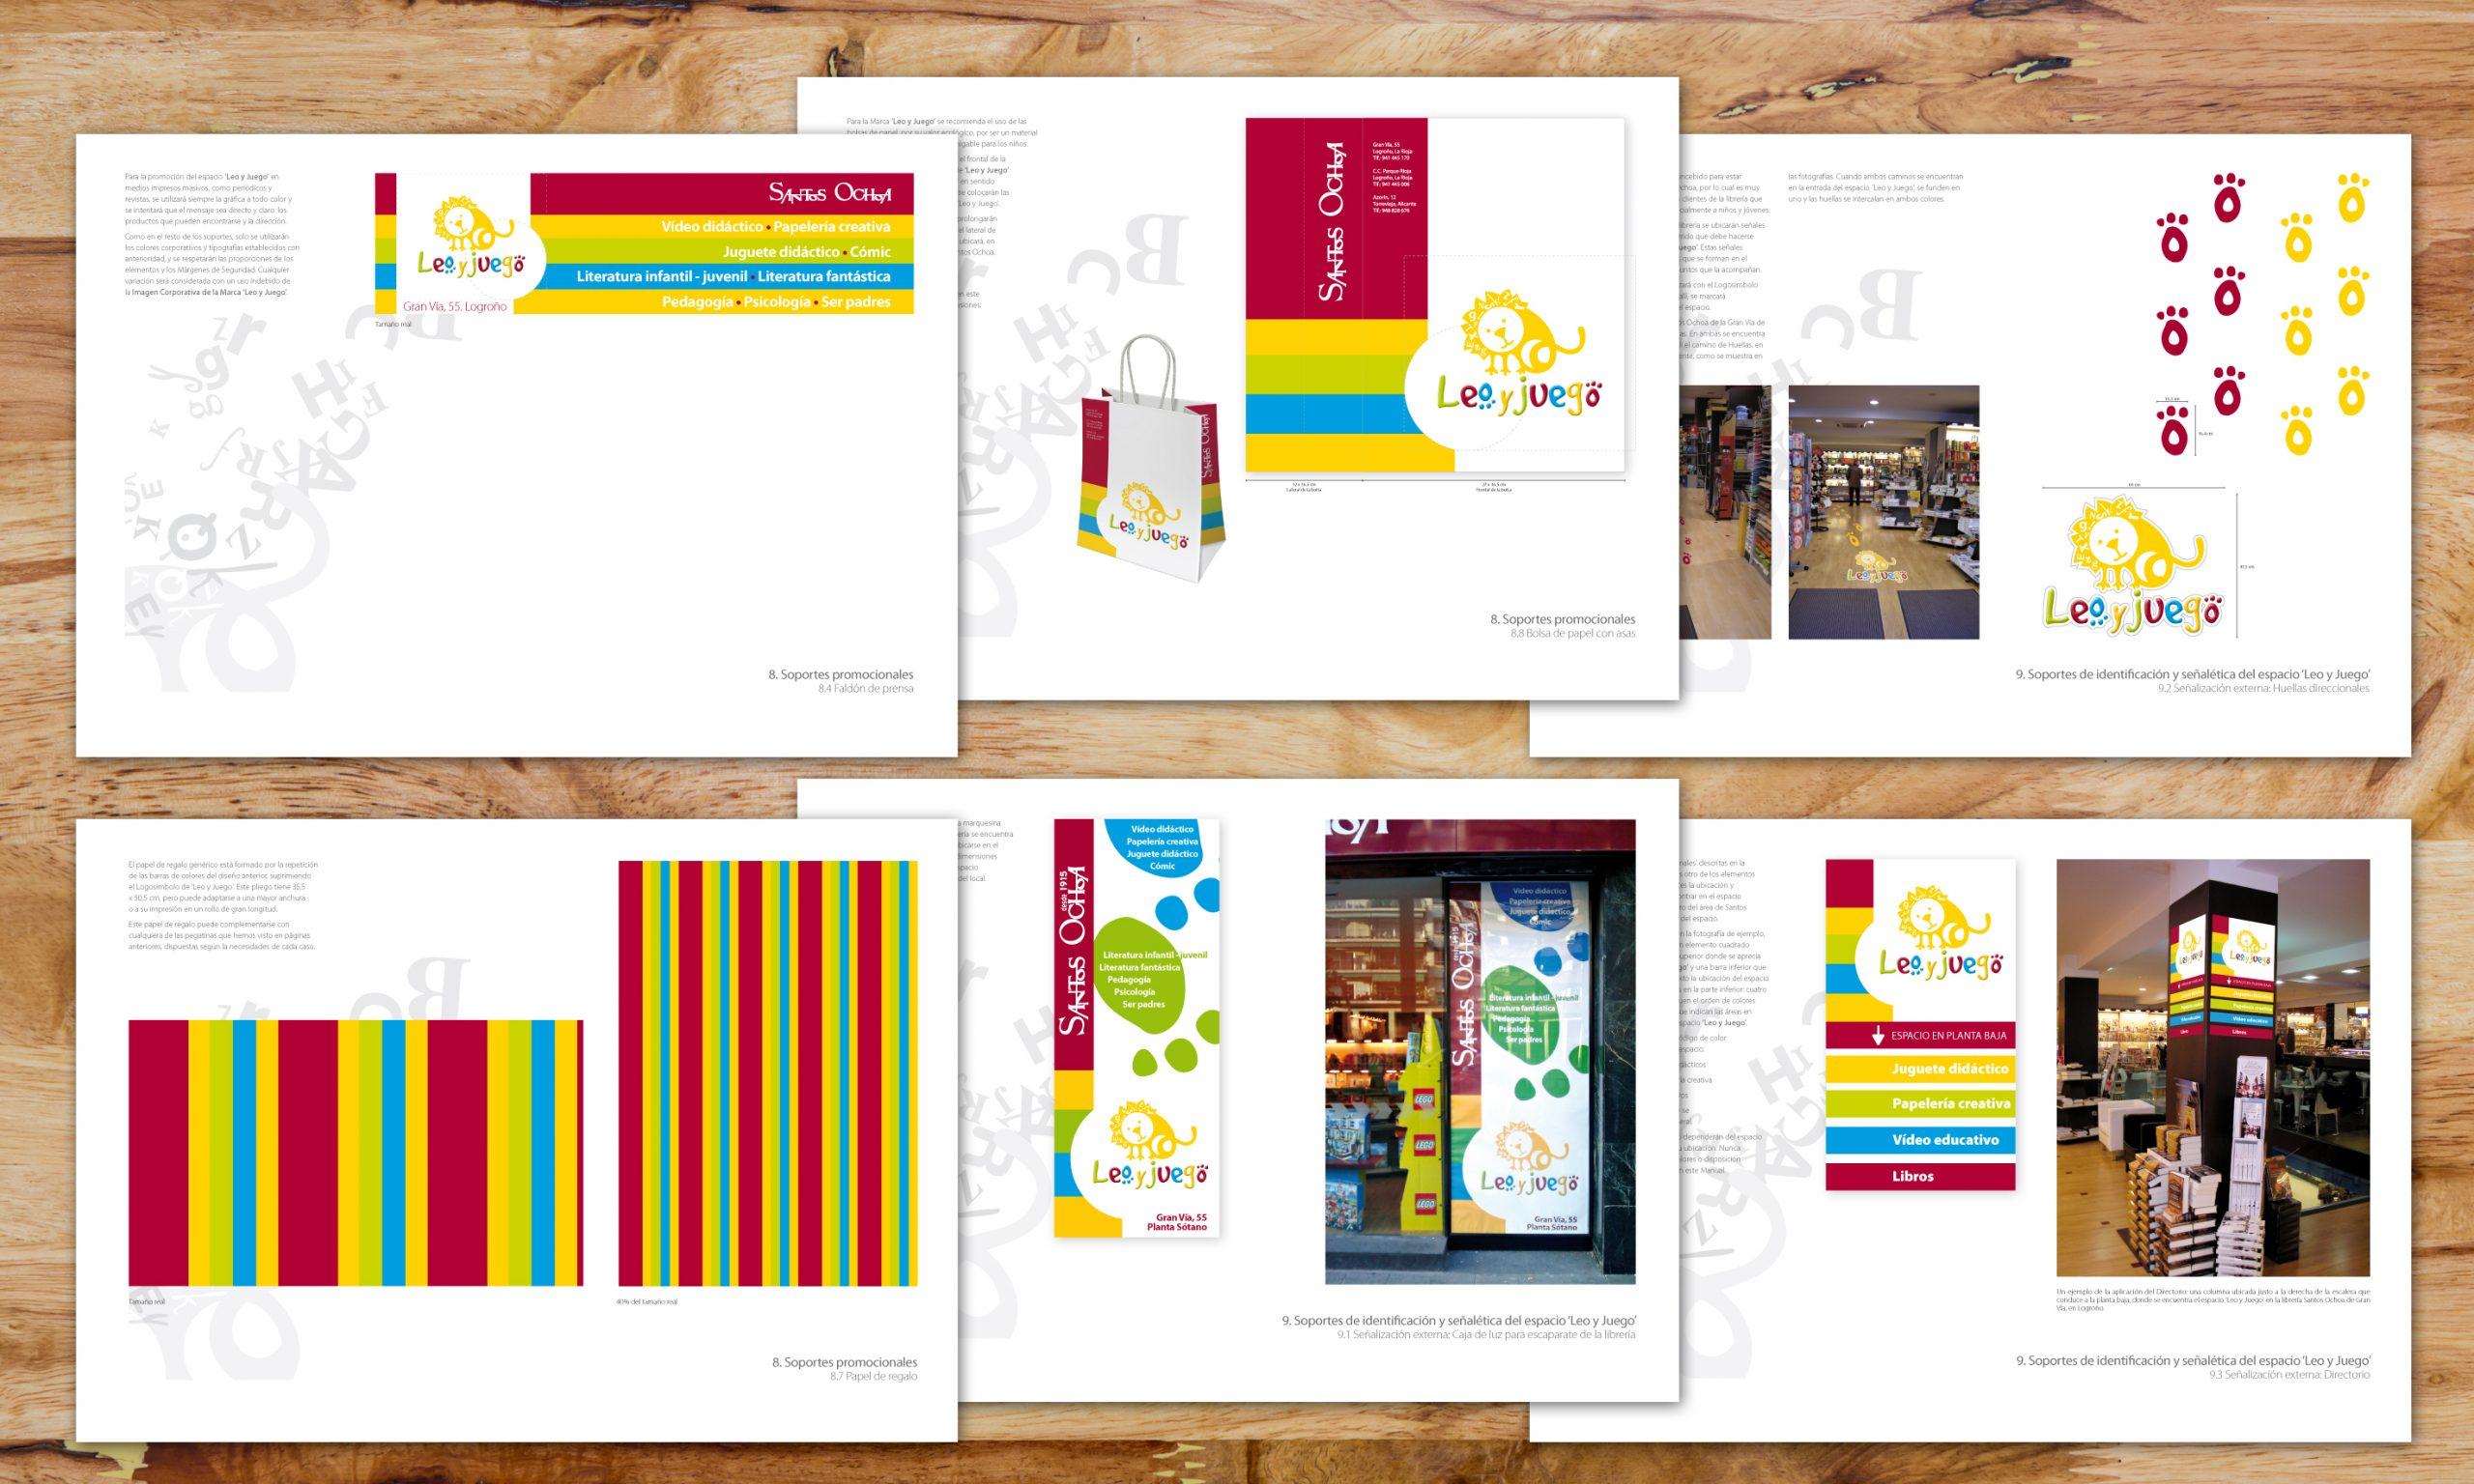 Diseño de faldón de prensa, bolsa de papel, señales direccionales de suelo, papel de regalo, vinilo exterior y directorio interior.